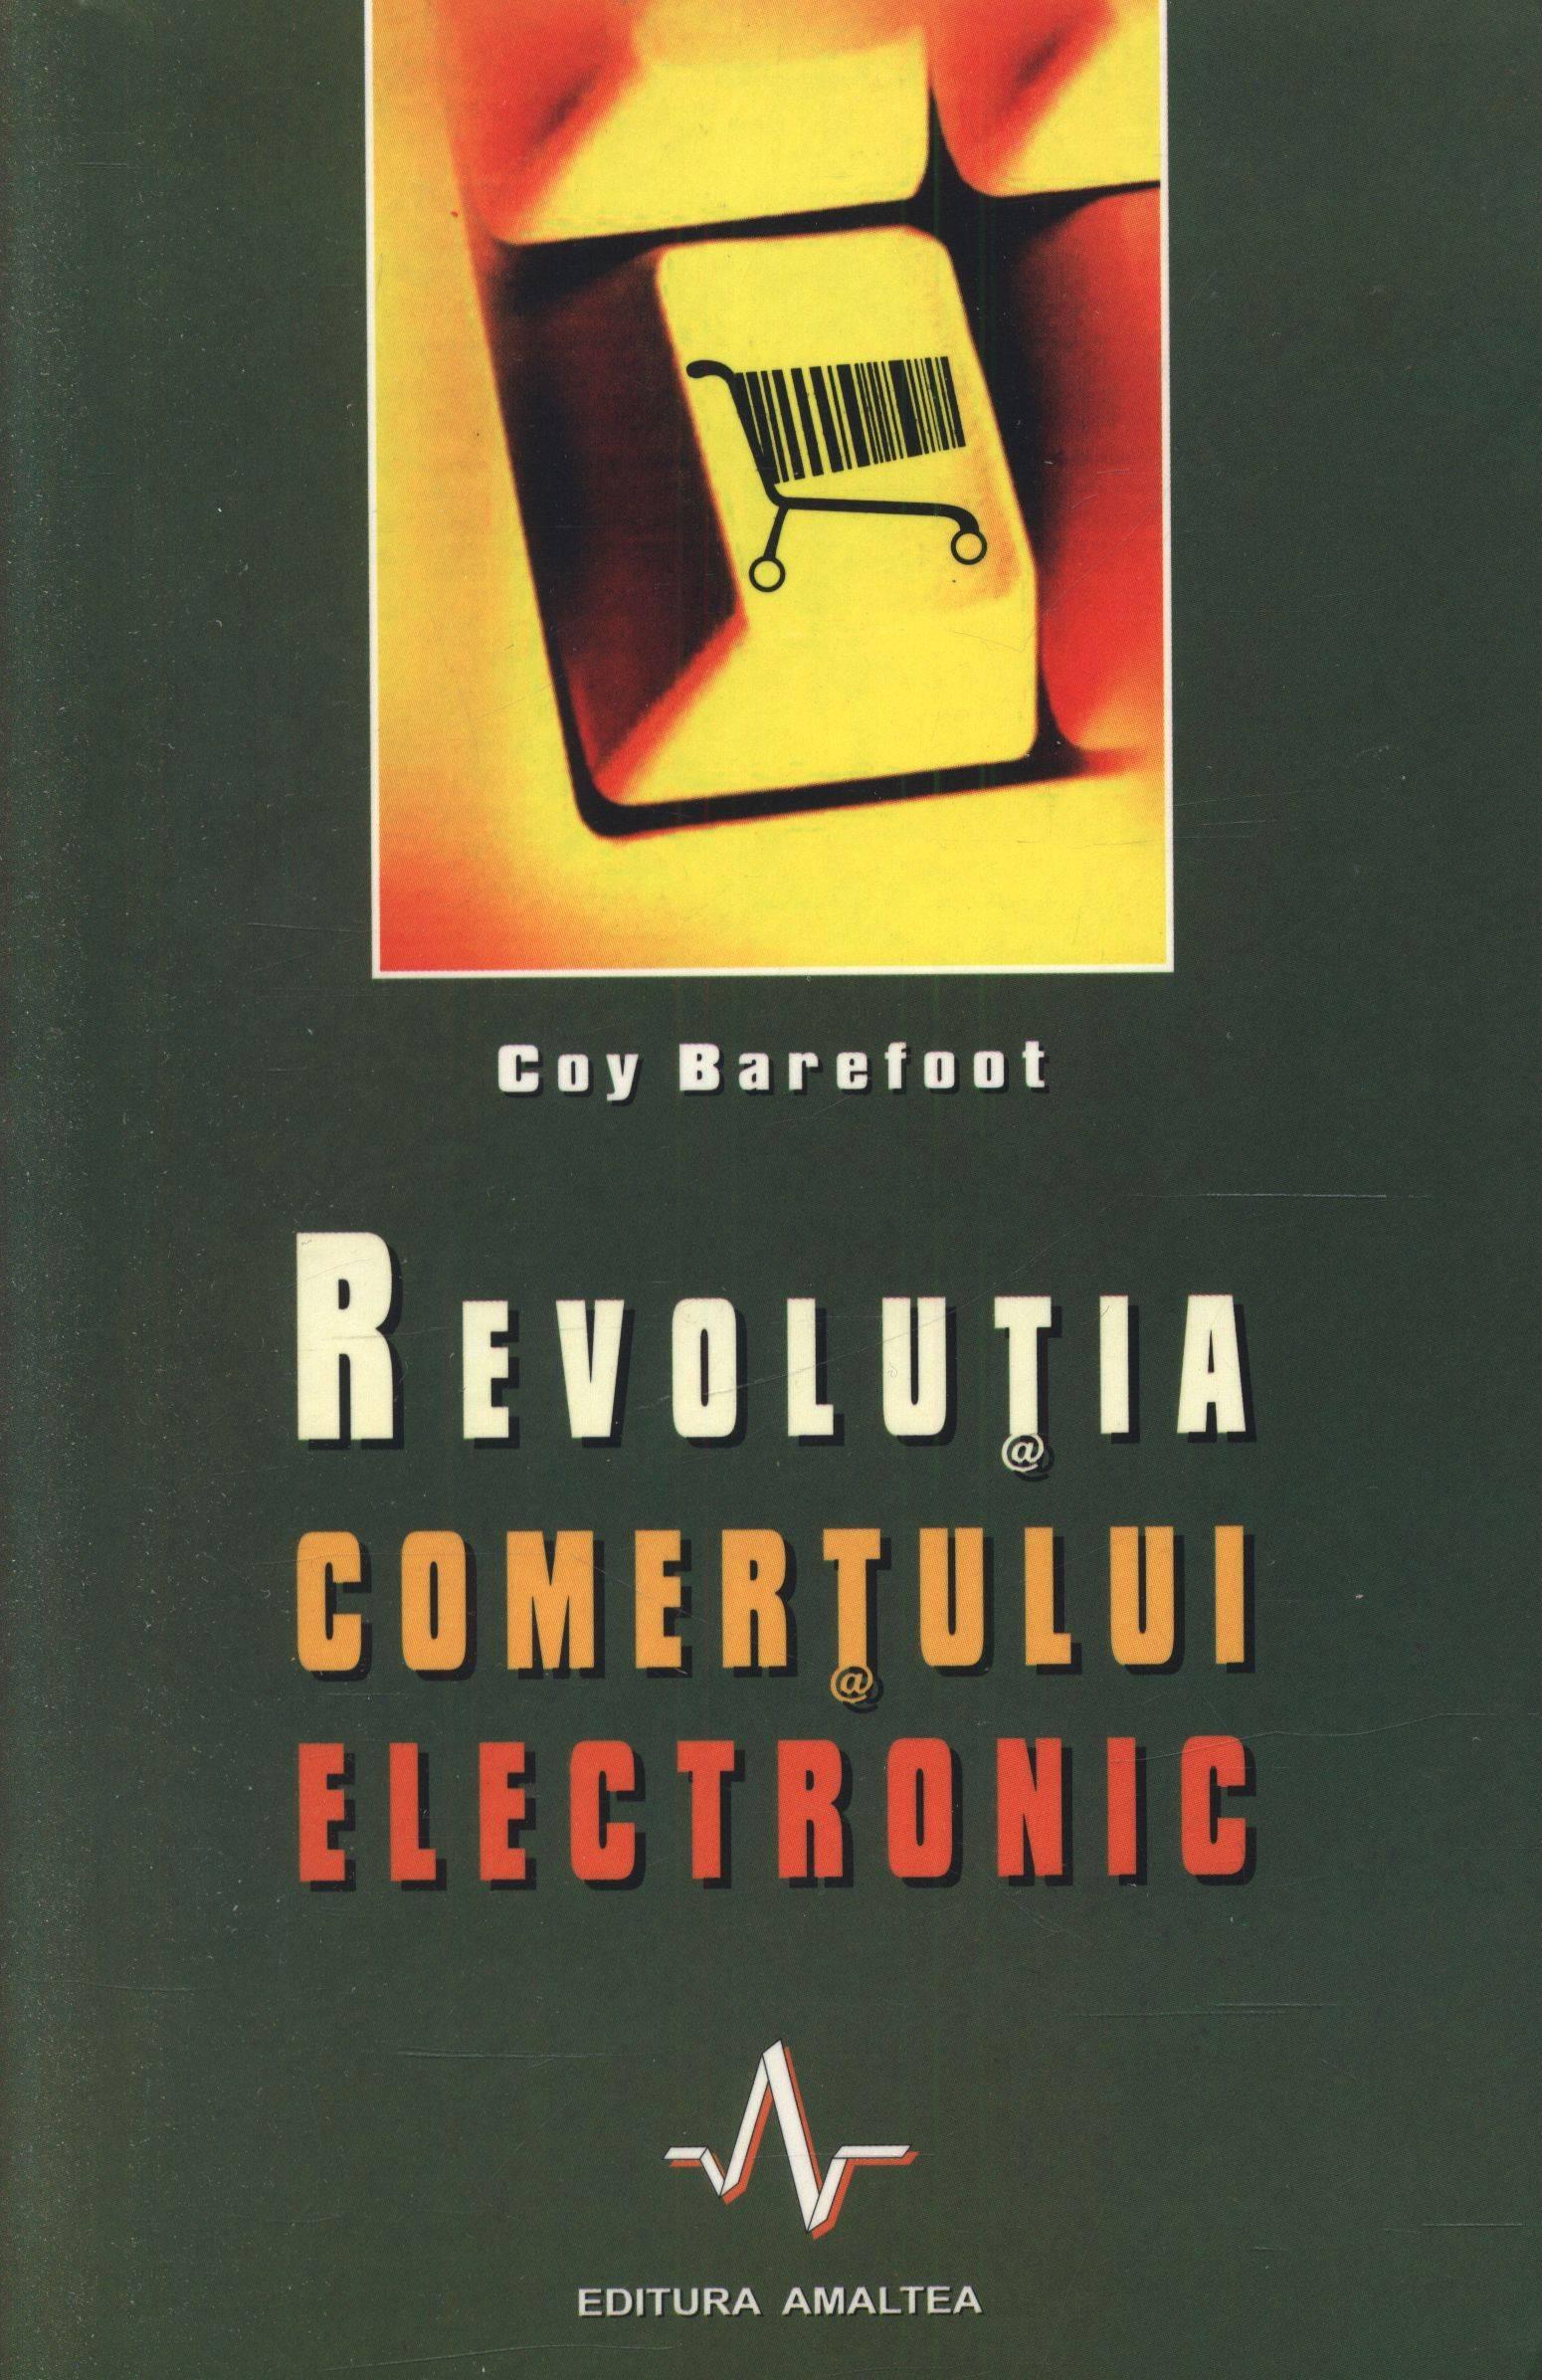 Revoluția comerțului electronic - Coy Barefoot